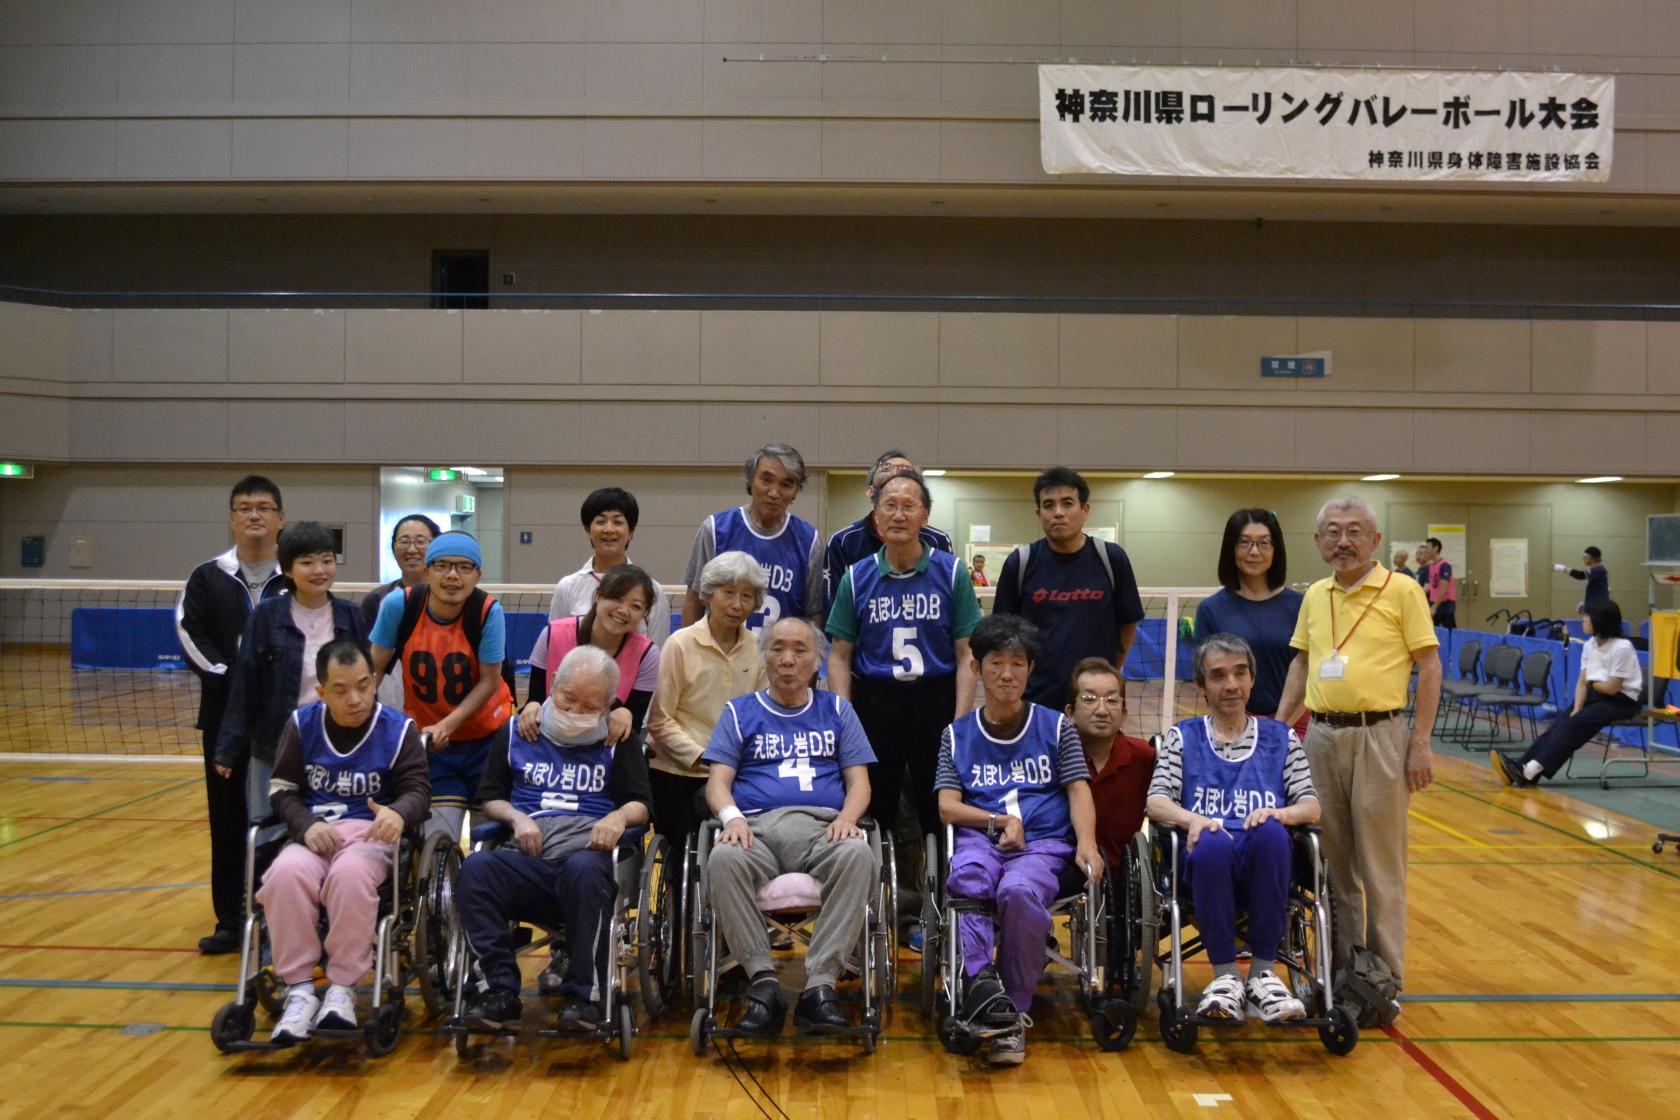 湘南希望の郷から「第28回神奈川県ローリングバレーボール大会」の報告です。